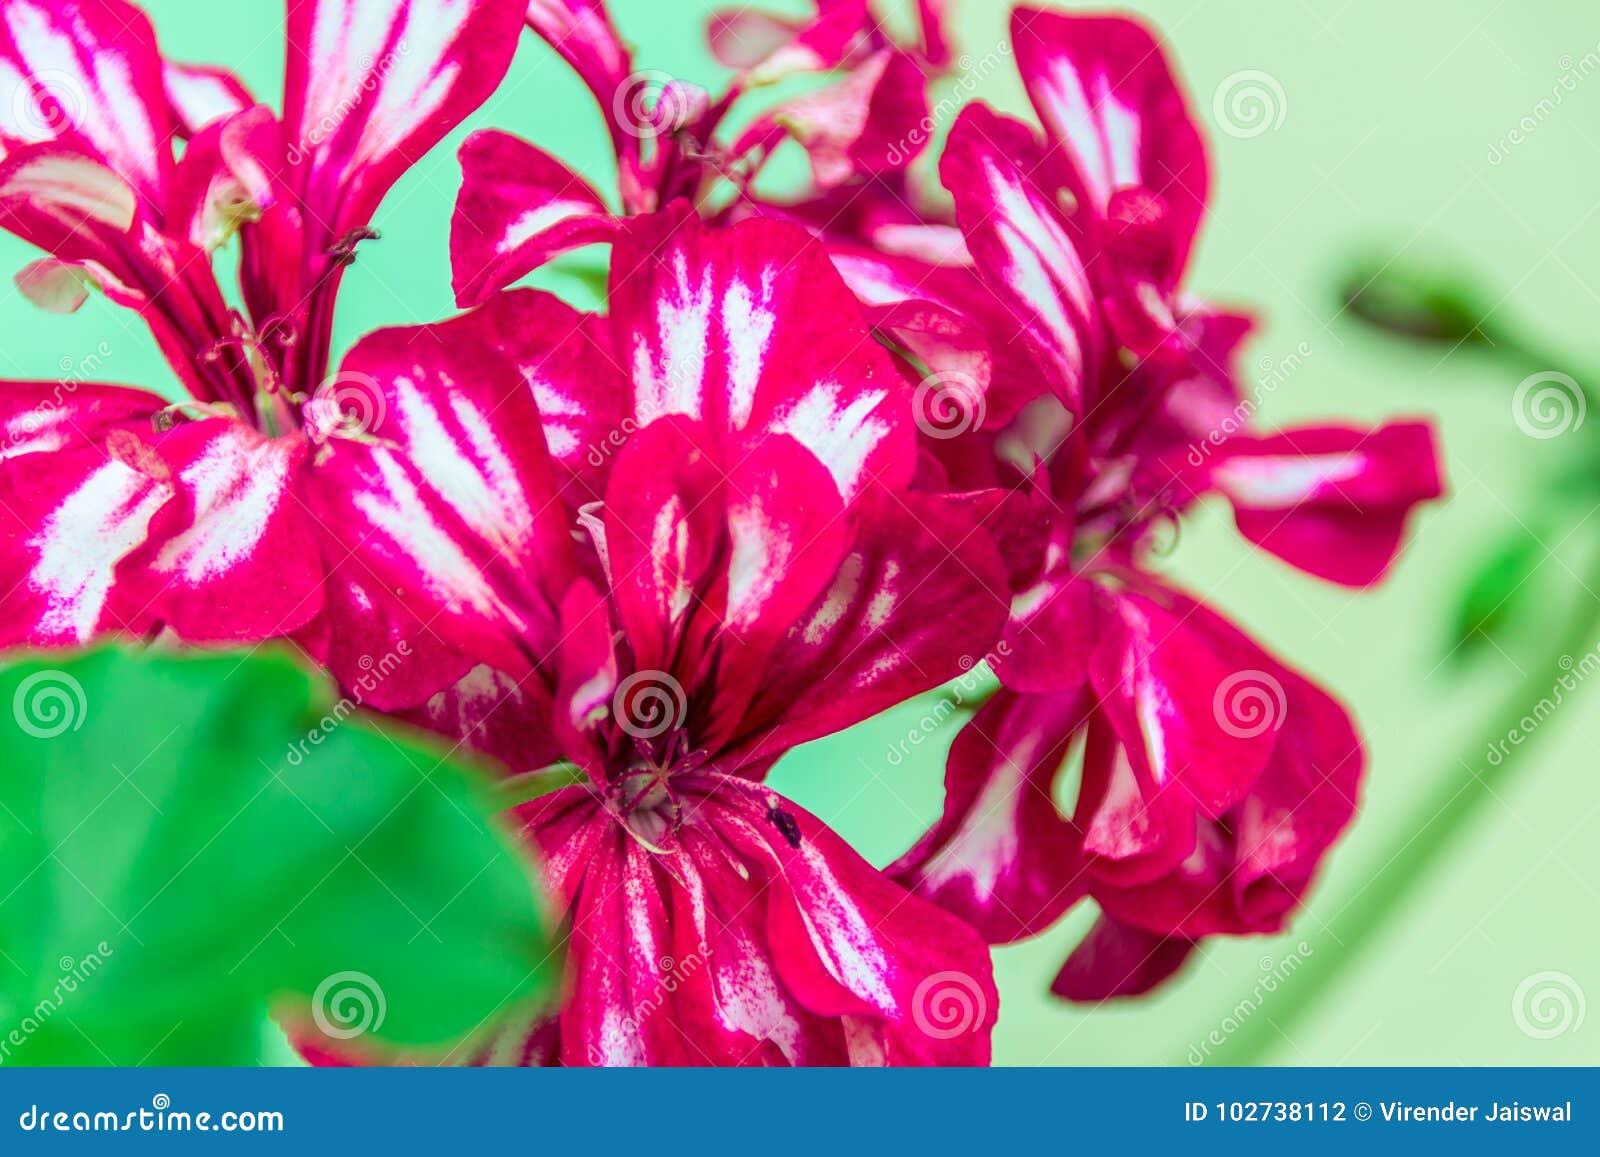 深红双重天竺葵花